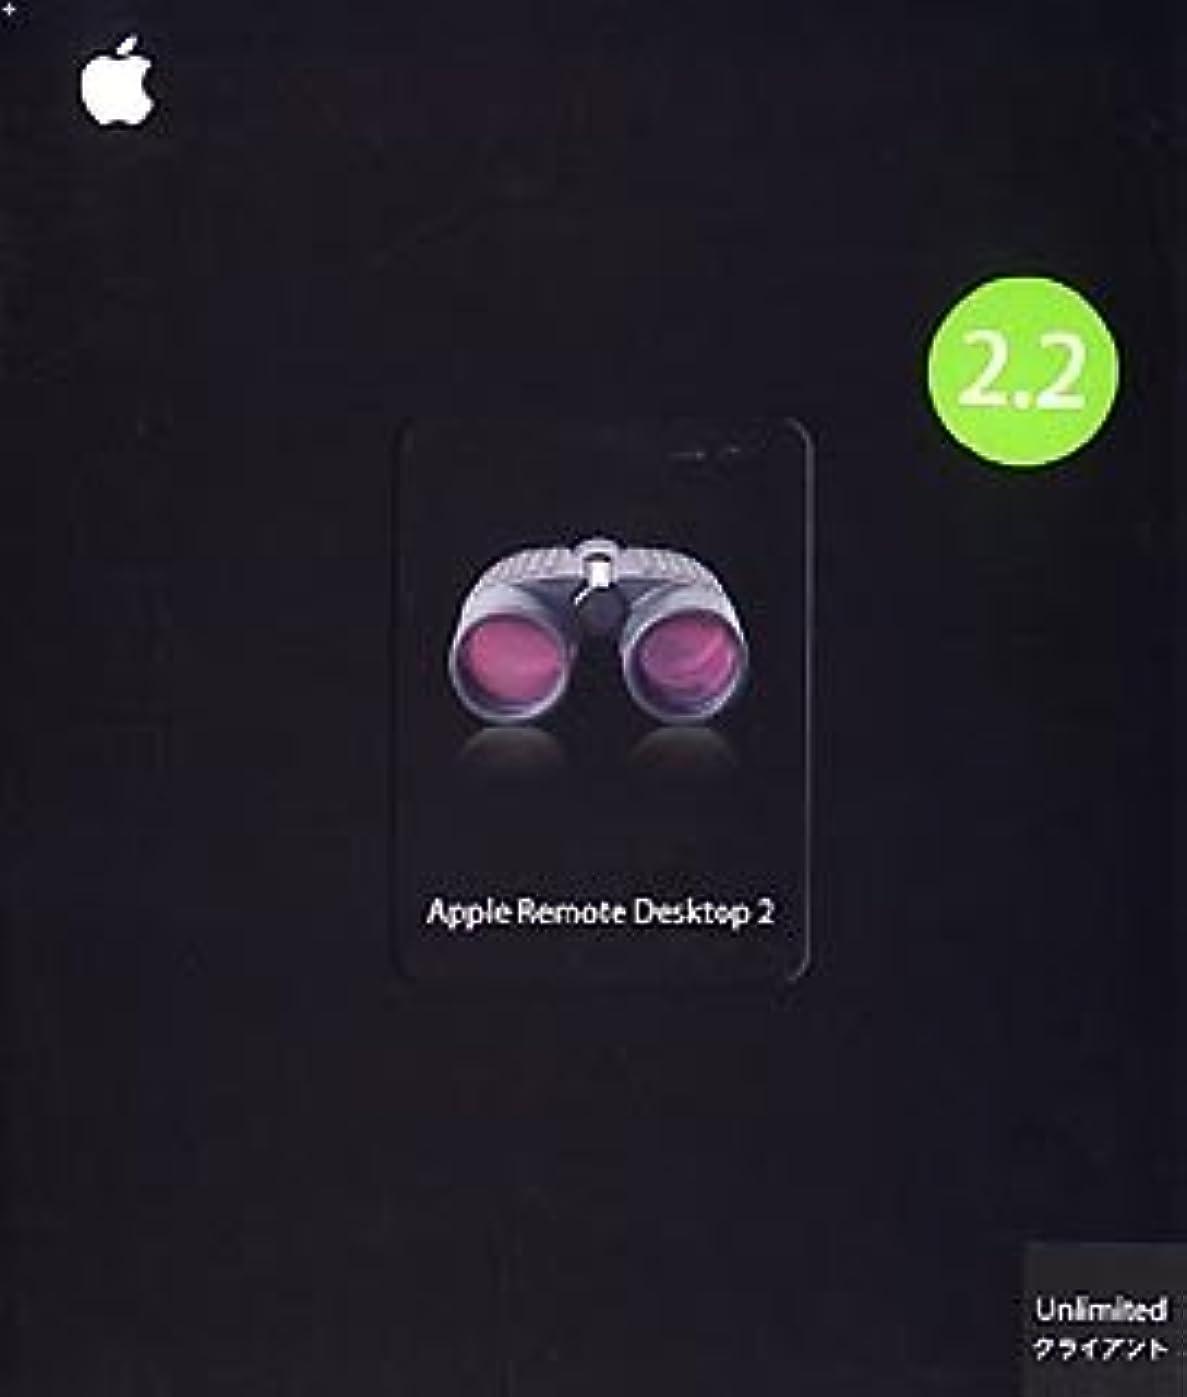 ピッチャーシュガージョブApple Remote Desktop 2.2 Unlimitedクライアント